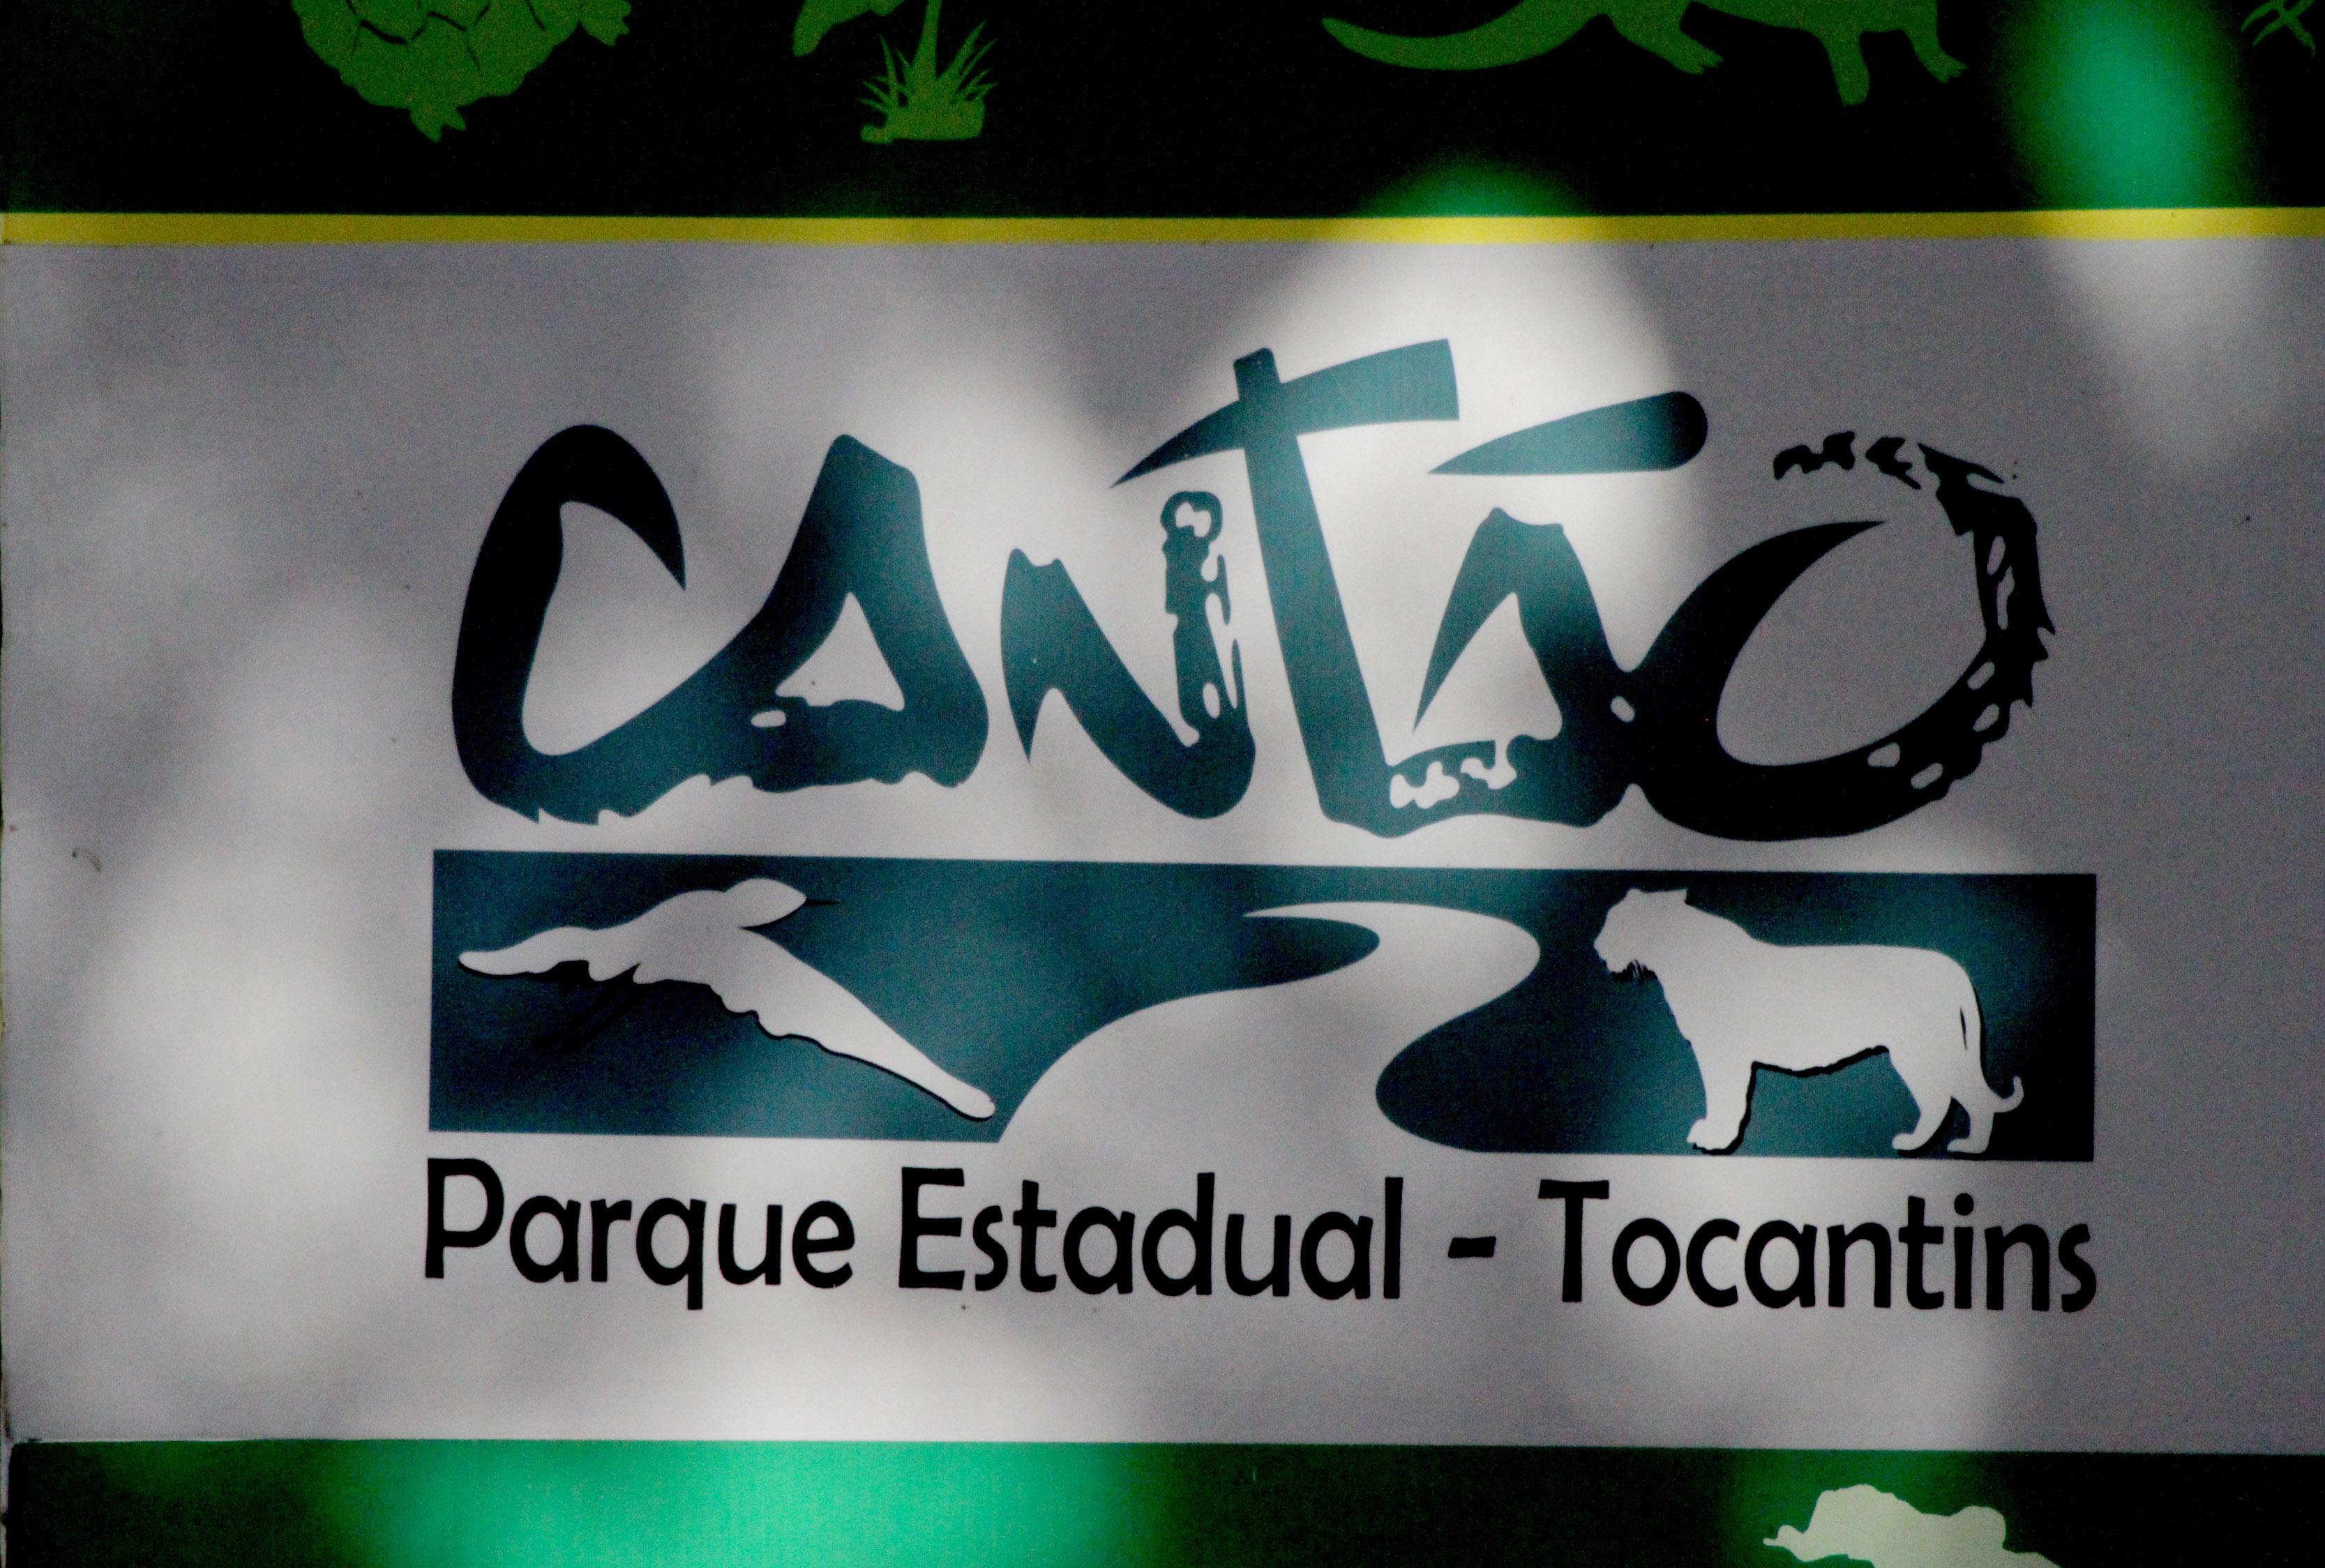 Funbio seleciona consultoria para a elaboração de projeto executivo de construção do portal de entrada do Parque Estadual do Cantão